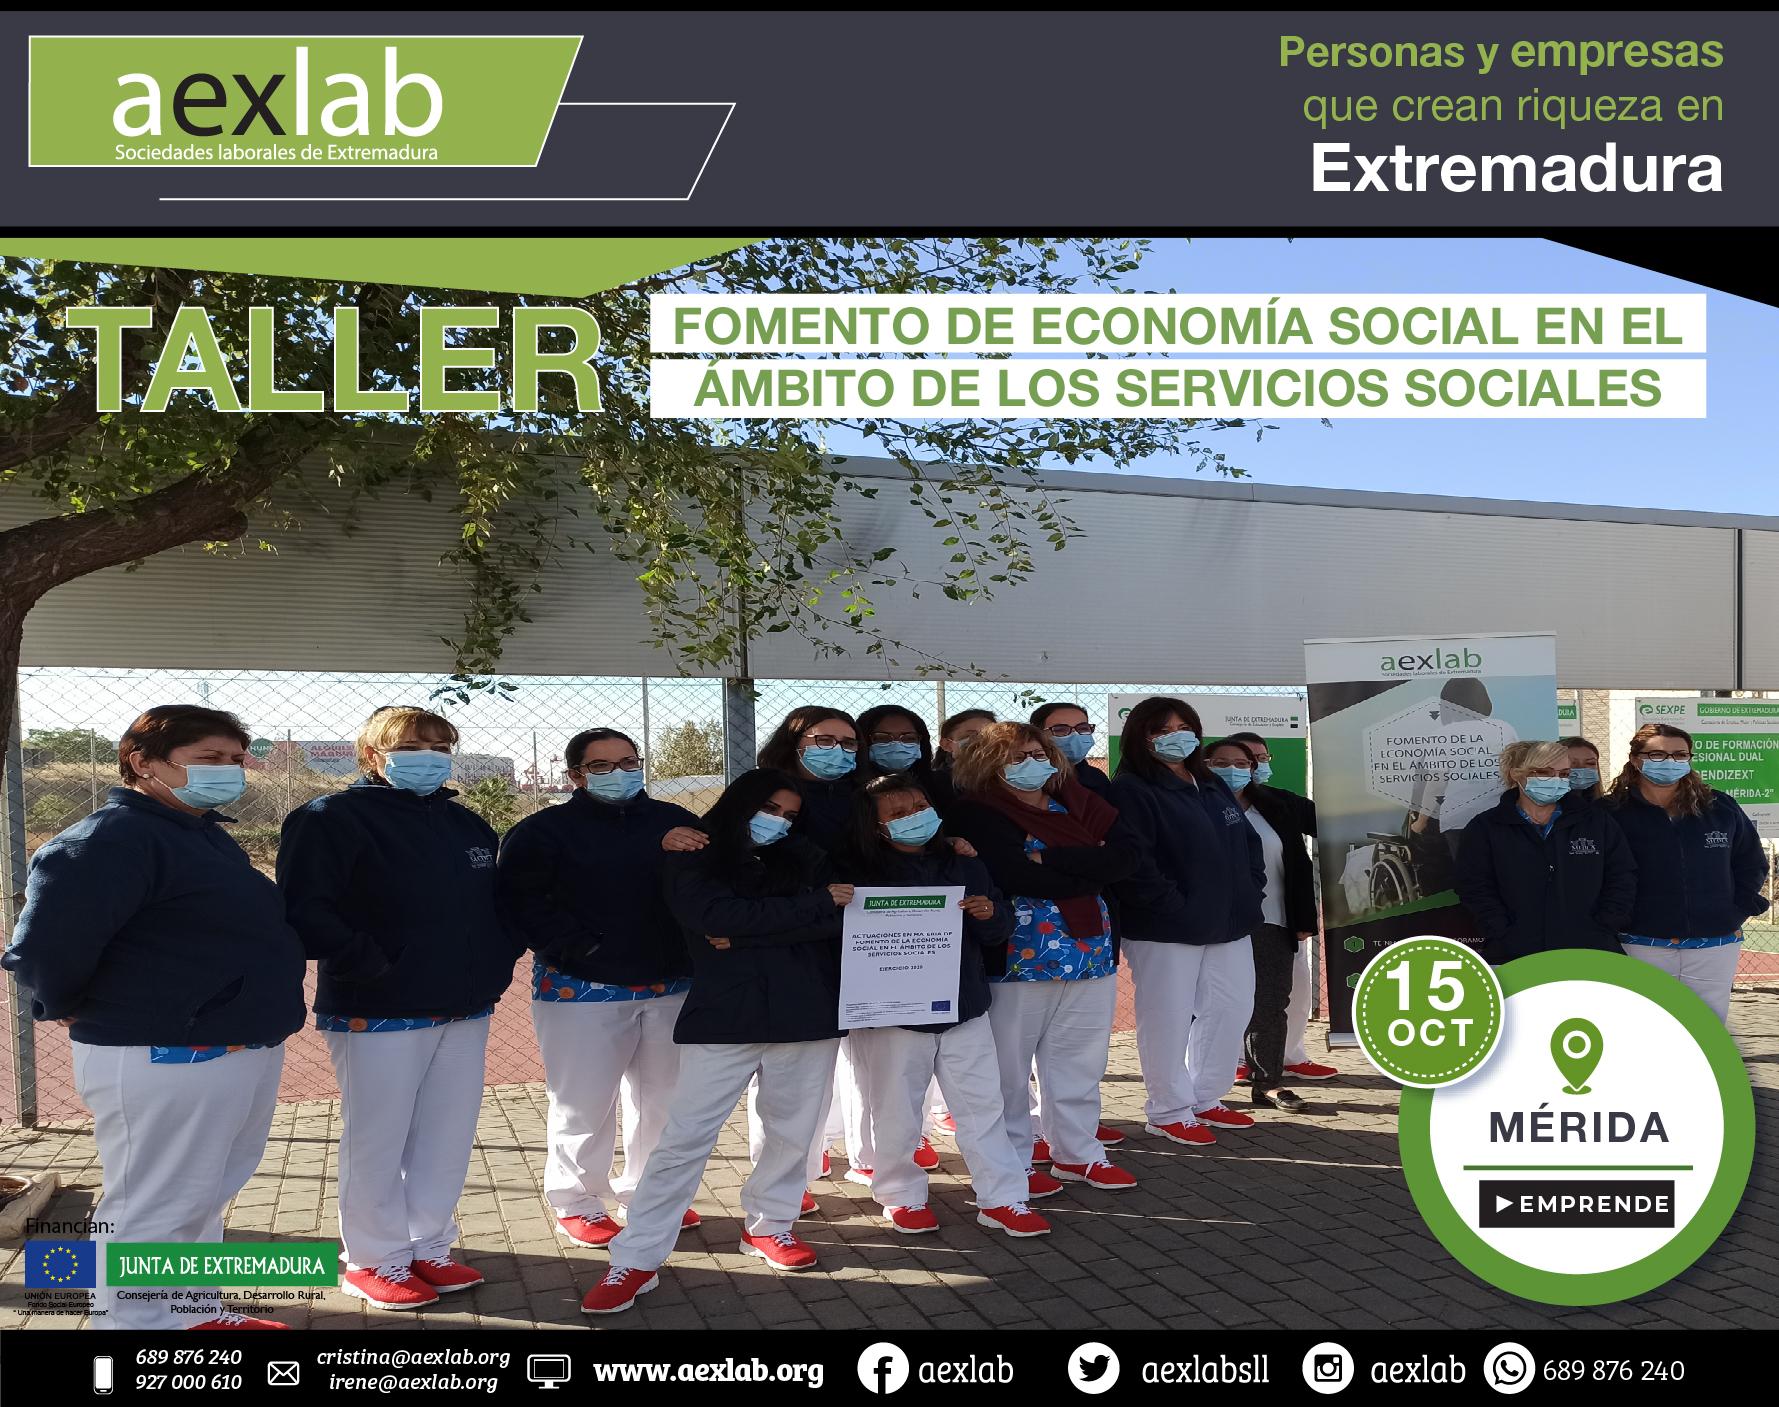 Fotos grupo taller fomento de la economia social ambito social merida aexlab-01